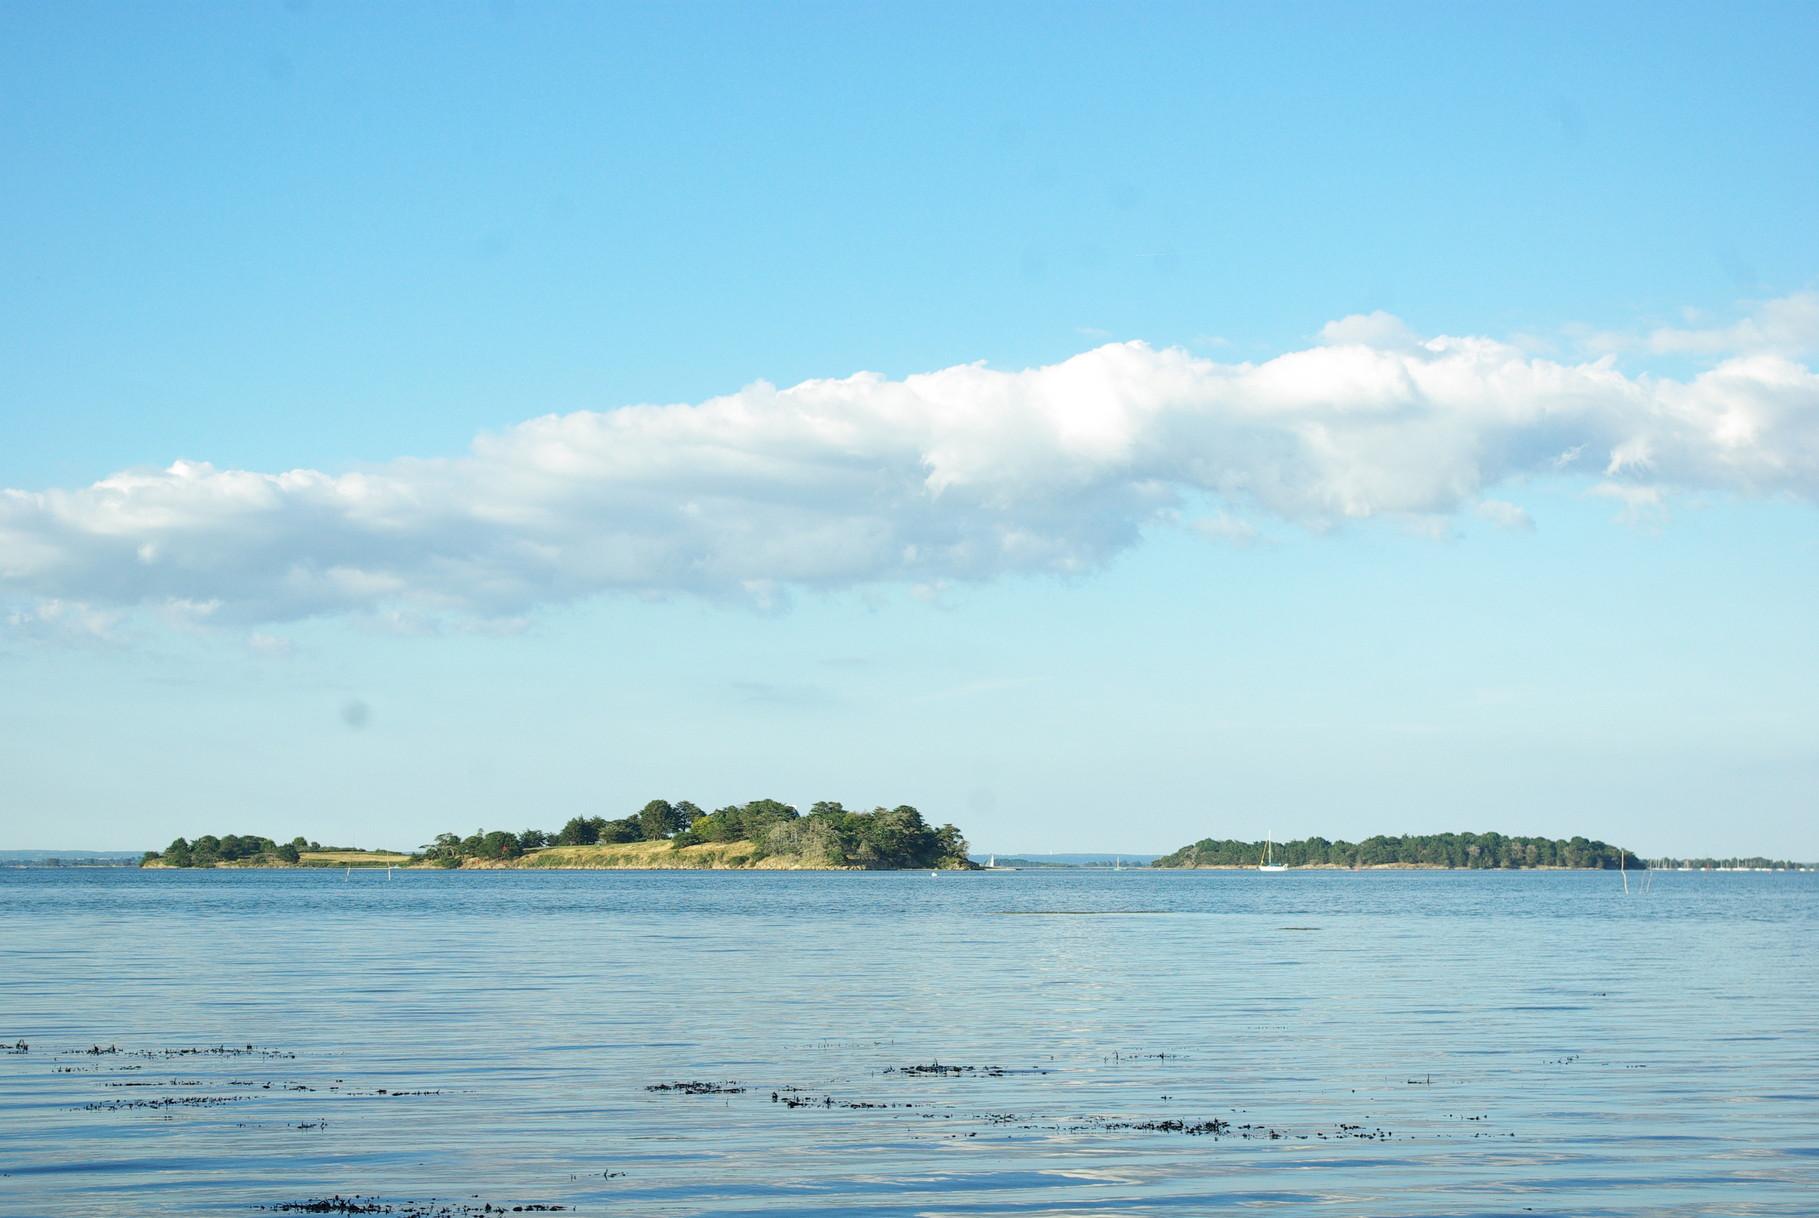 Îles (Islands) du Golfe de Morbihan